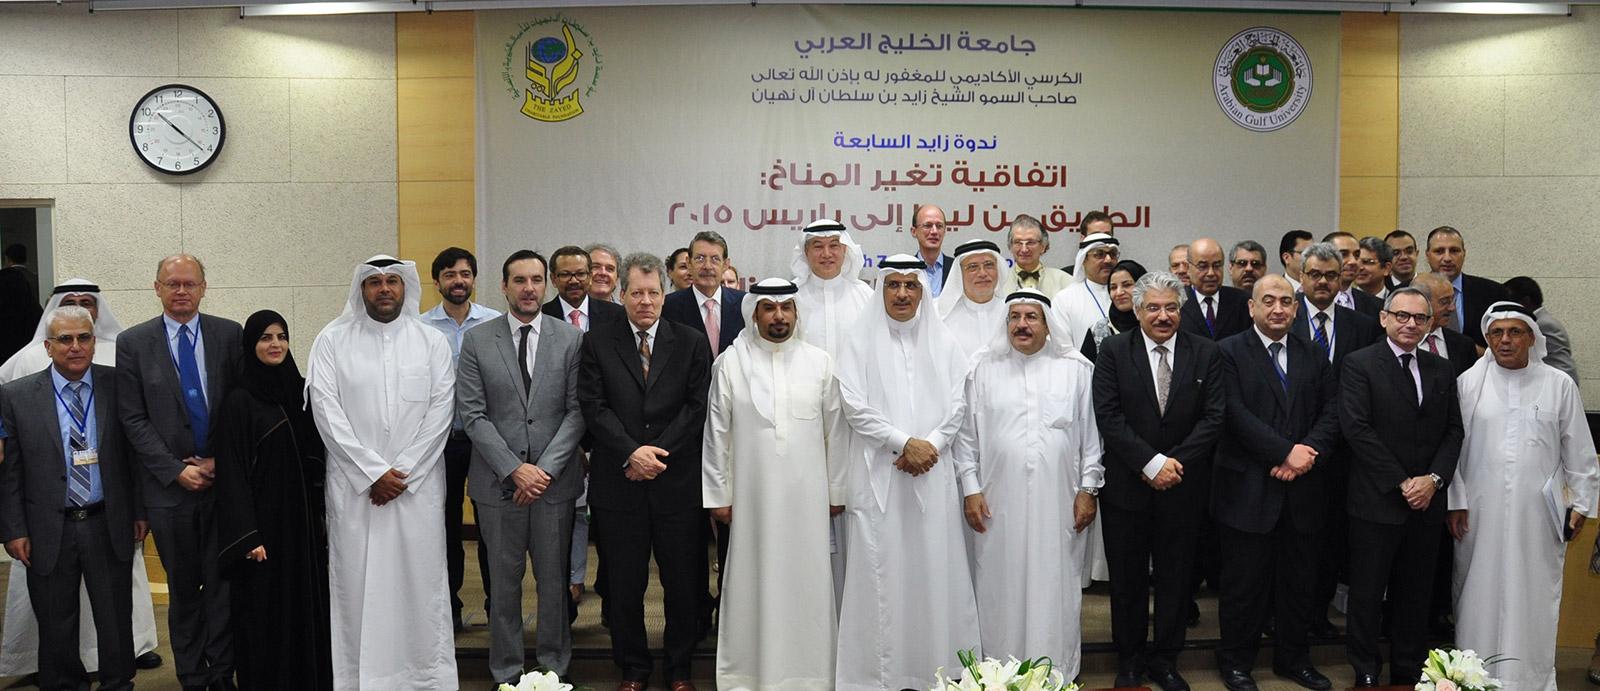 ندوة اتفاقية تغير المناخ التي عقدت في جامعة الخليج العربي مايو الماضي